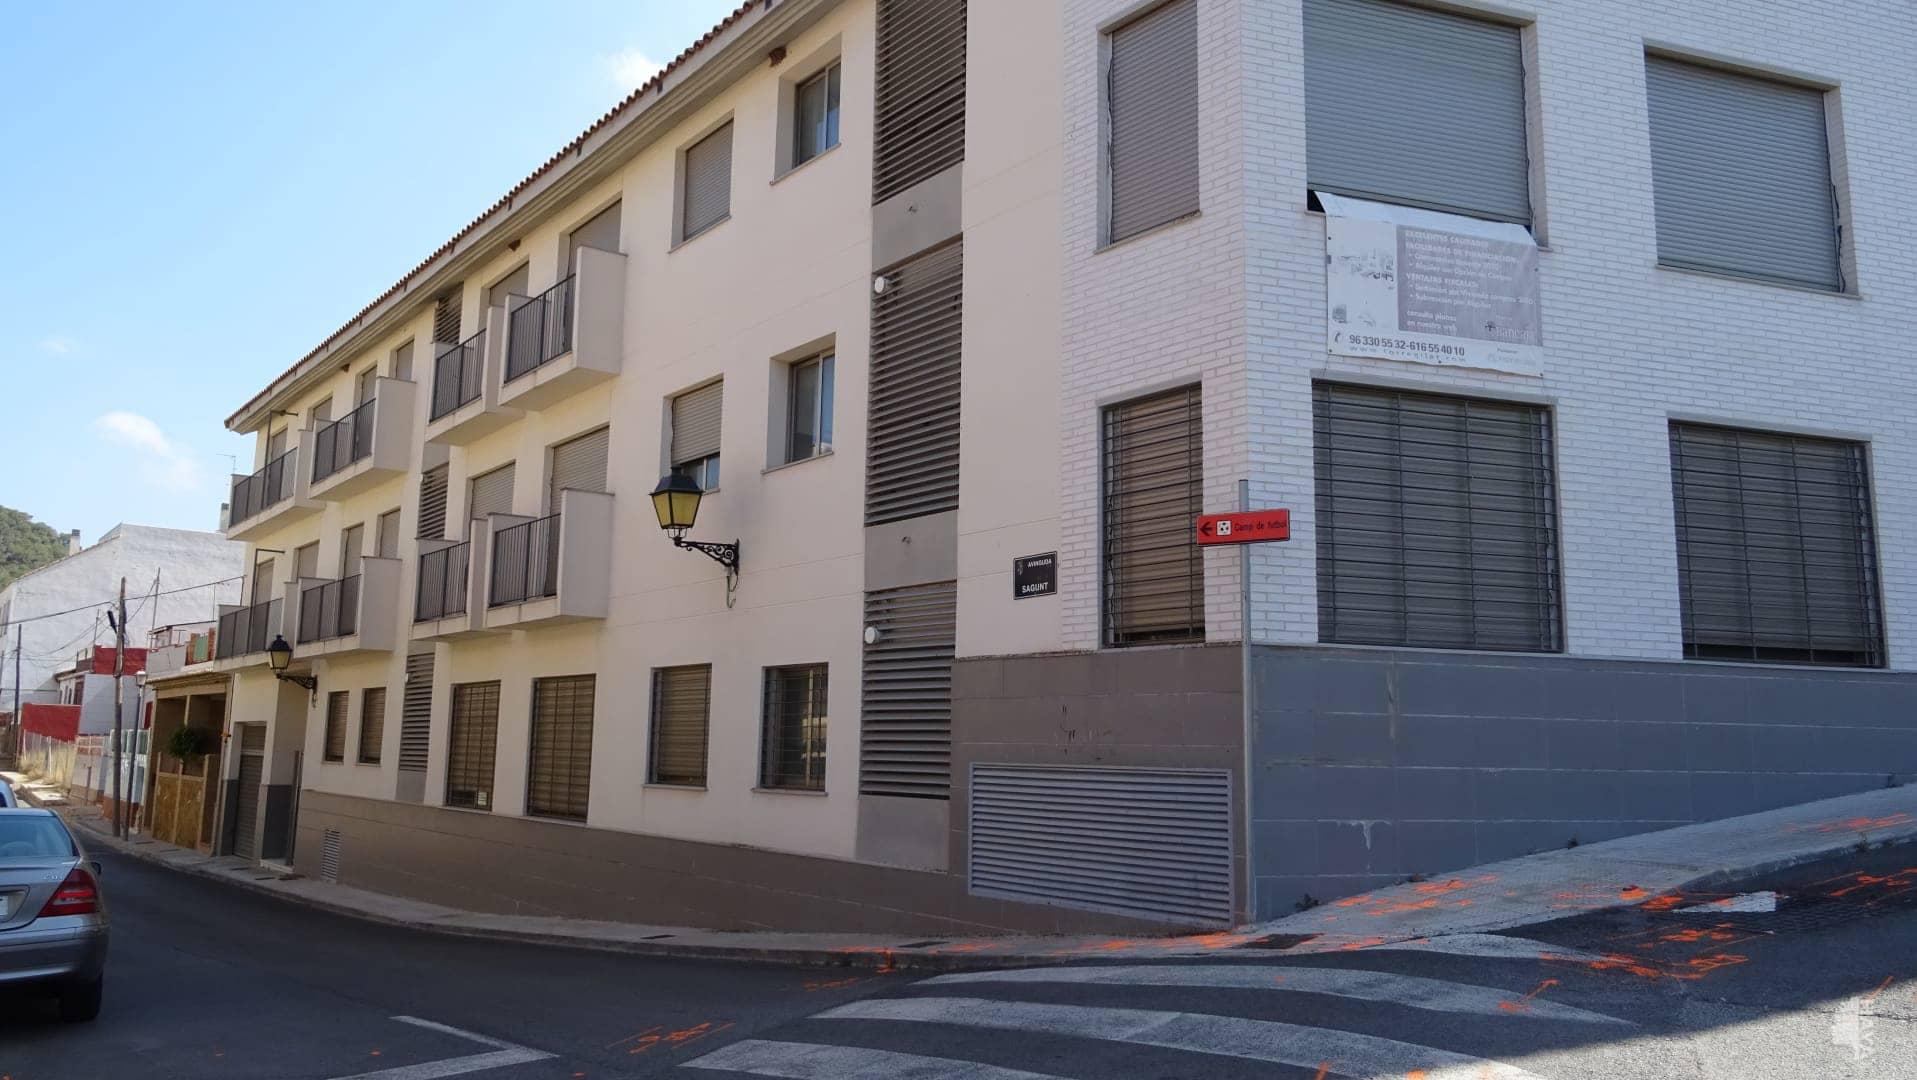 Piso en venta en Gilet, Gilet, Valencia, Calle Sagunt, 94.000 €, 2 habitaciones, 2 baños, 68 m2